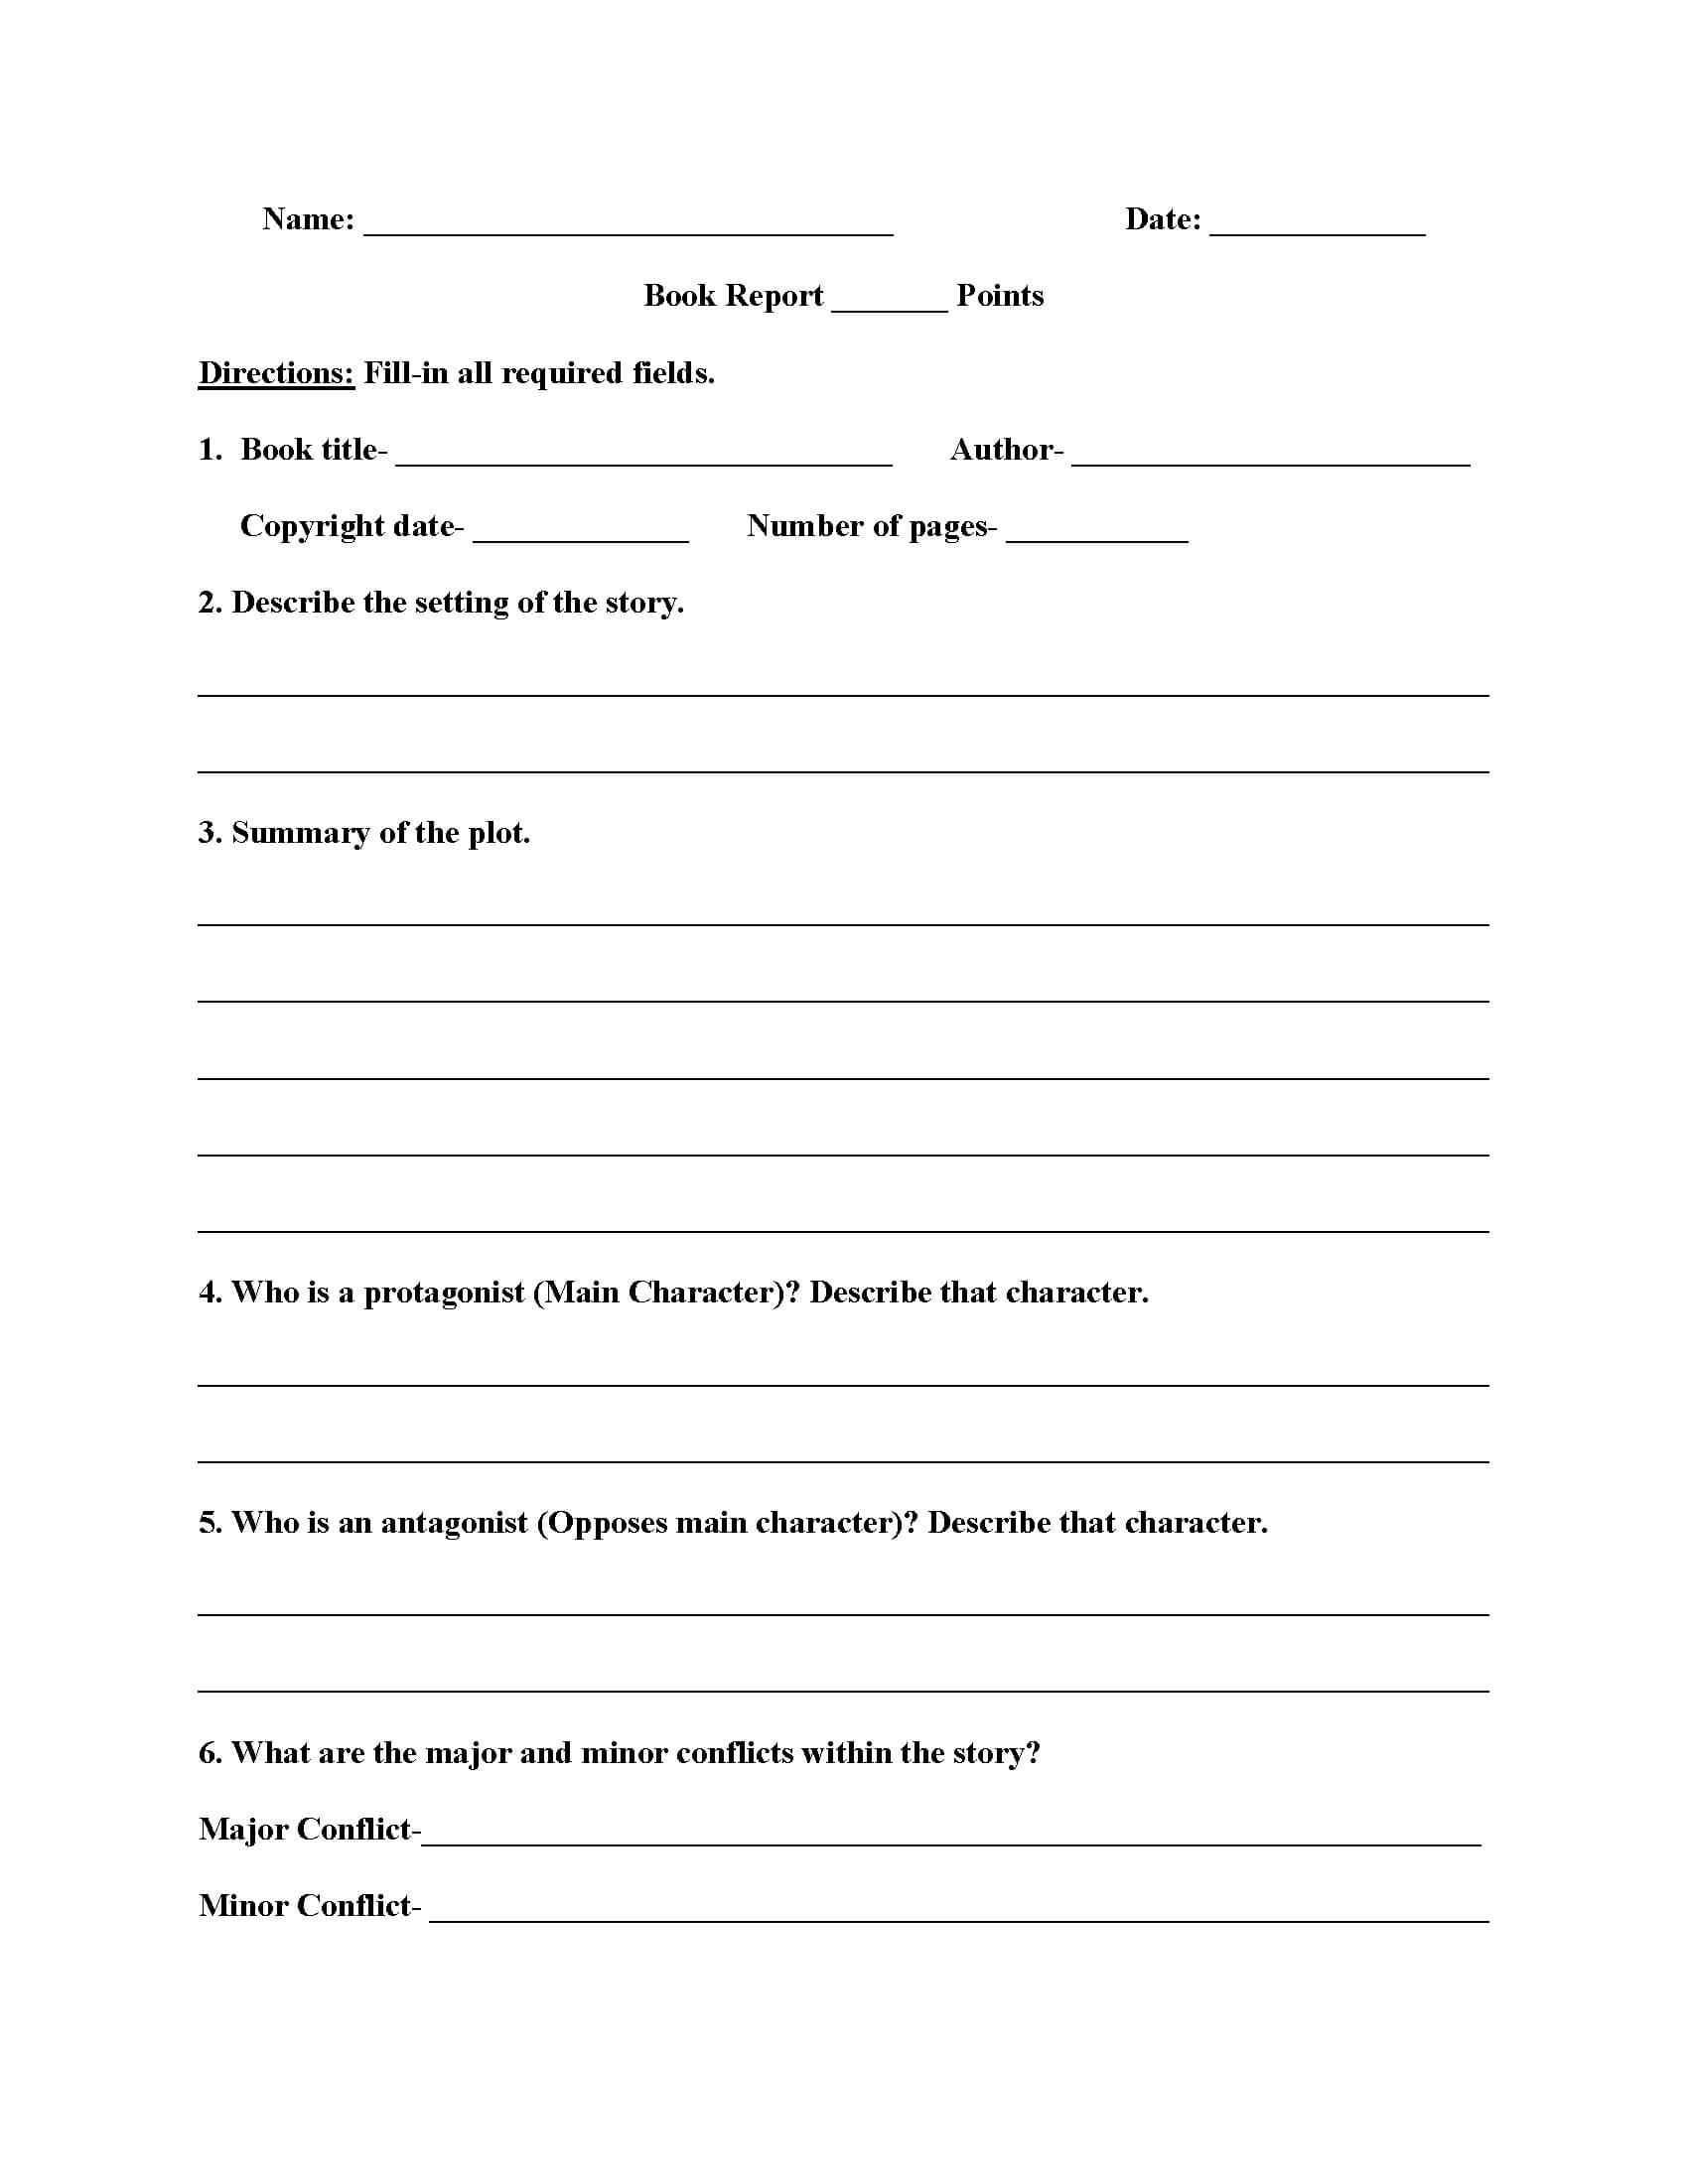 High School Book Report Worksheets | High School Books With Book Report Template High School